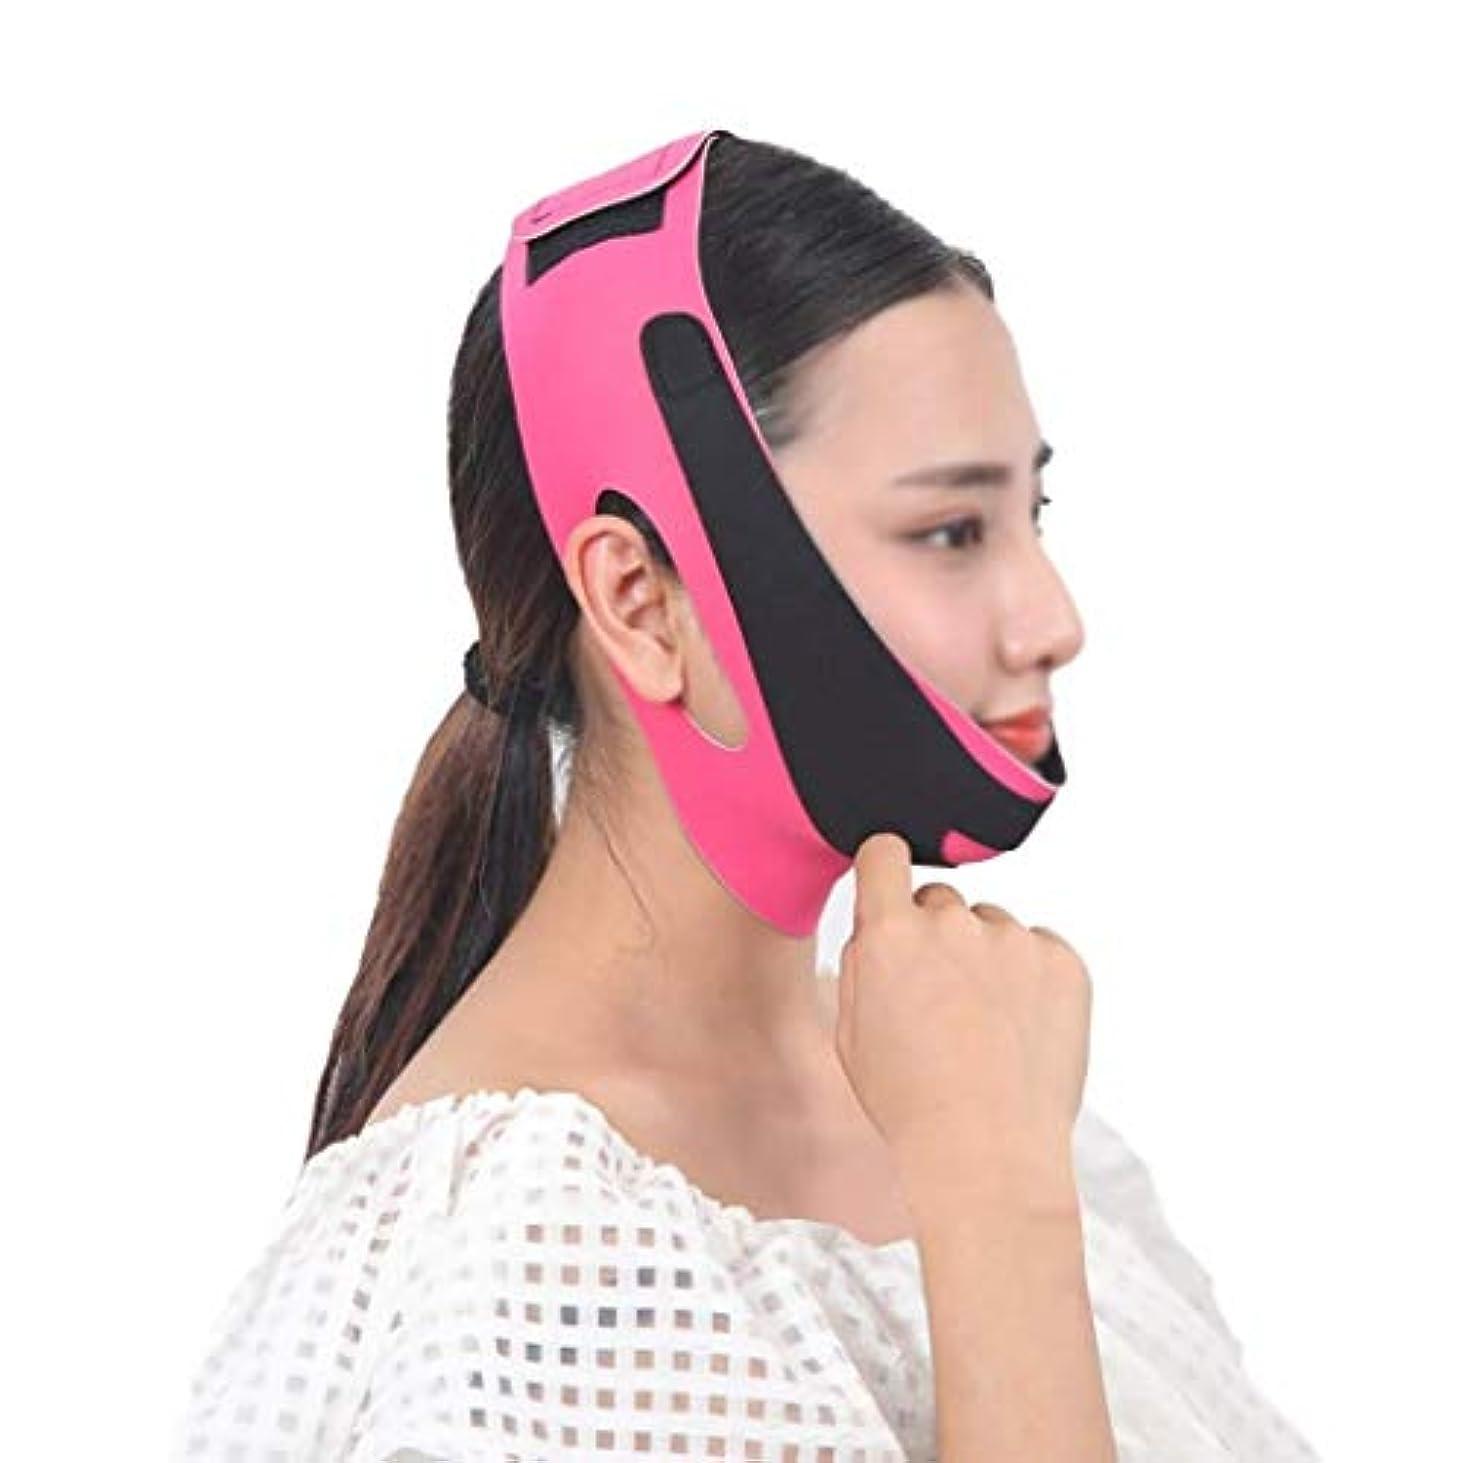 うなる櫛のためにフェイスアンドネックリフト術後弾性フェイスマスク小さなV顔アーティファクト薄い顔包帯アーティファクトV顔ぶら下げ耳リフティング引き締め薄い顔アーティファクト